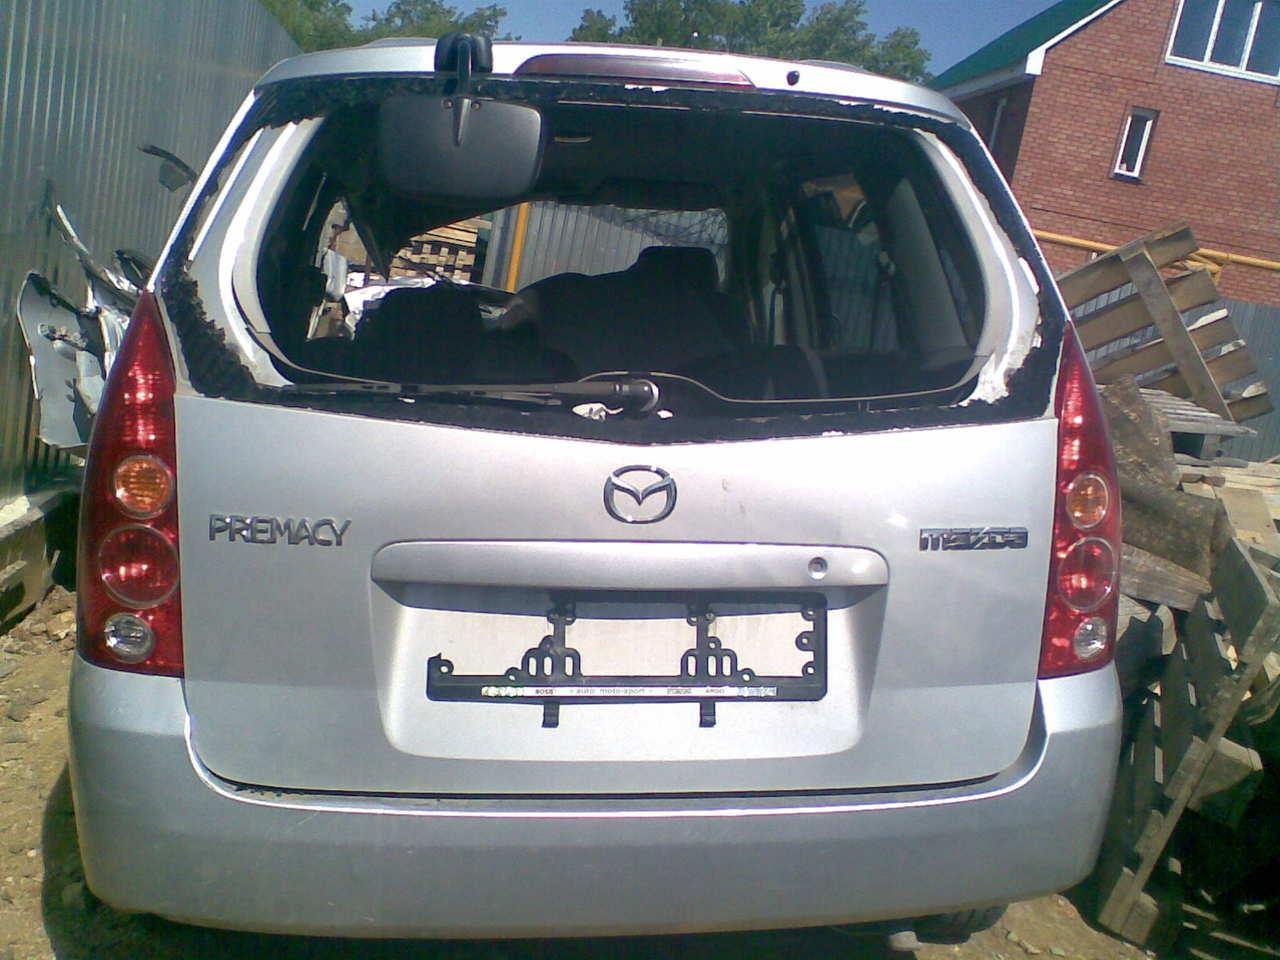 Mazda Premacy For Sale Gasoline FF Automatic For Sale - Mazda premacy problems